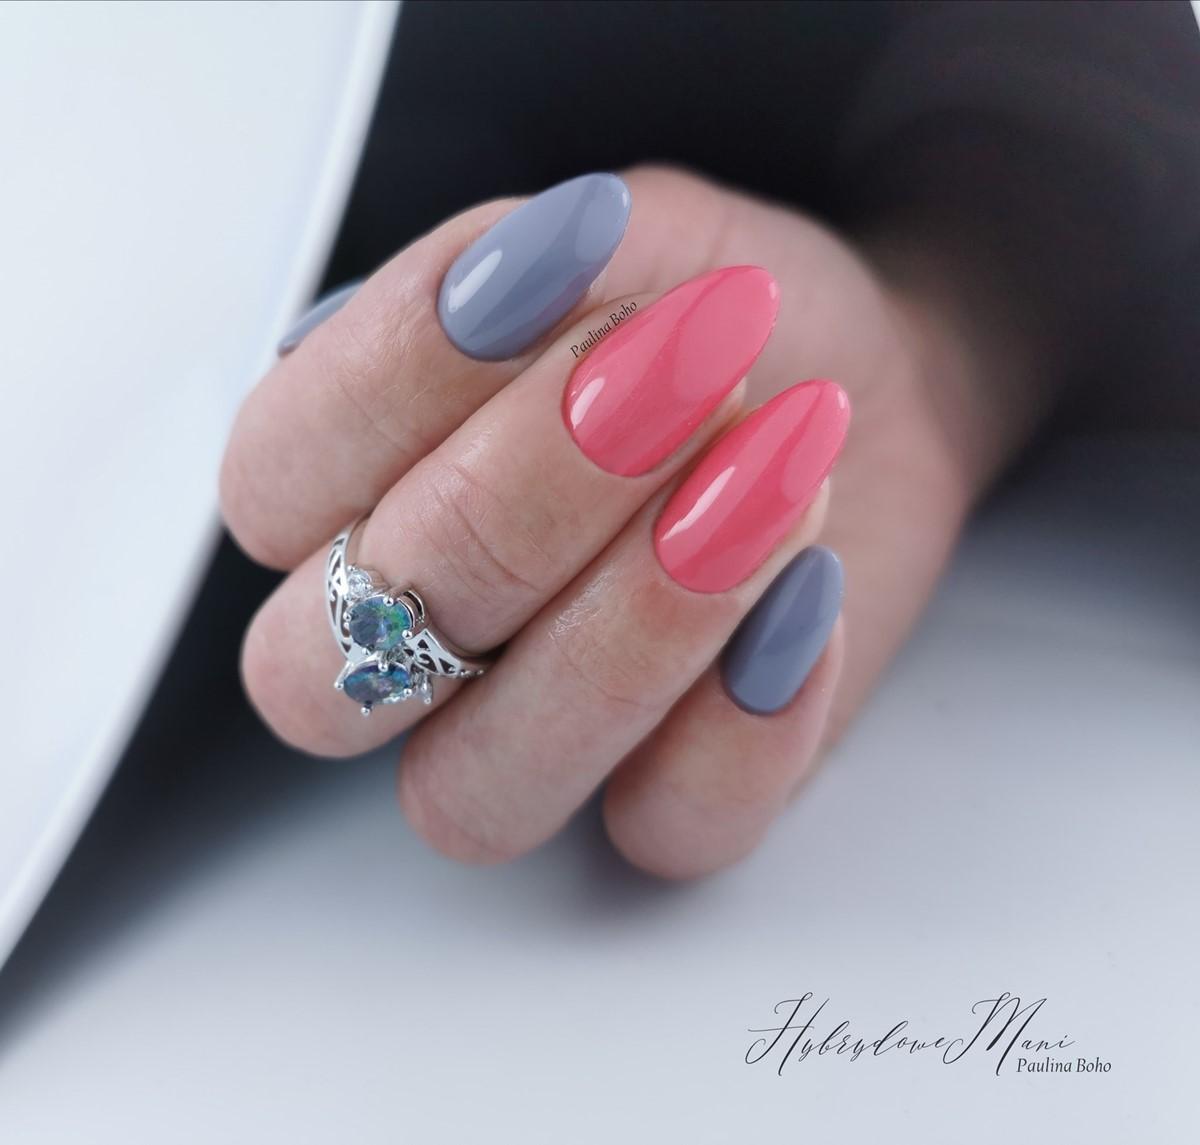 różowe paznokcie zdjęcia